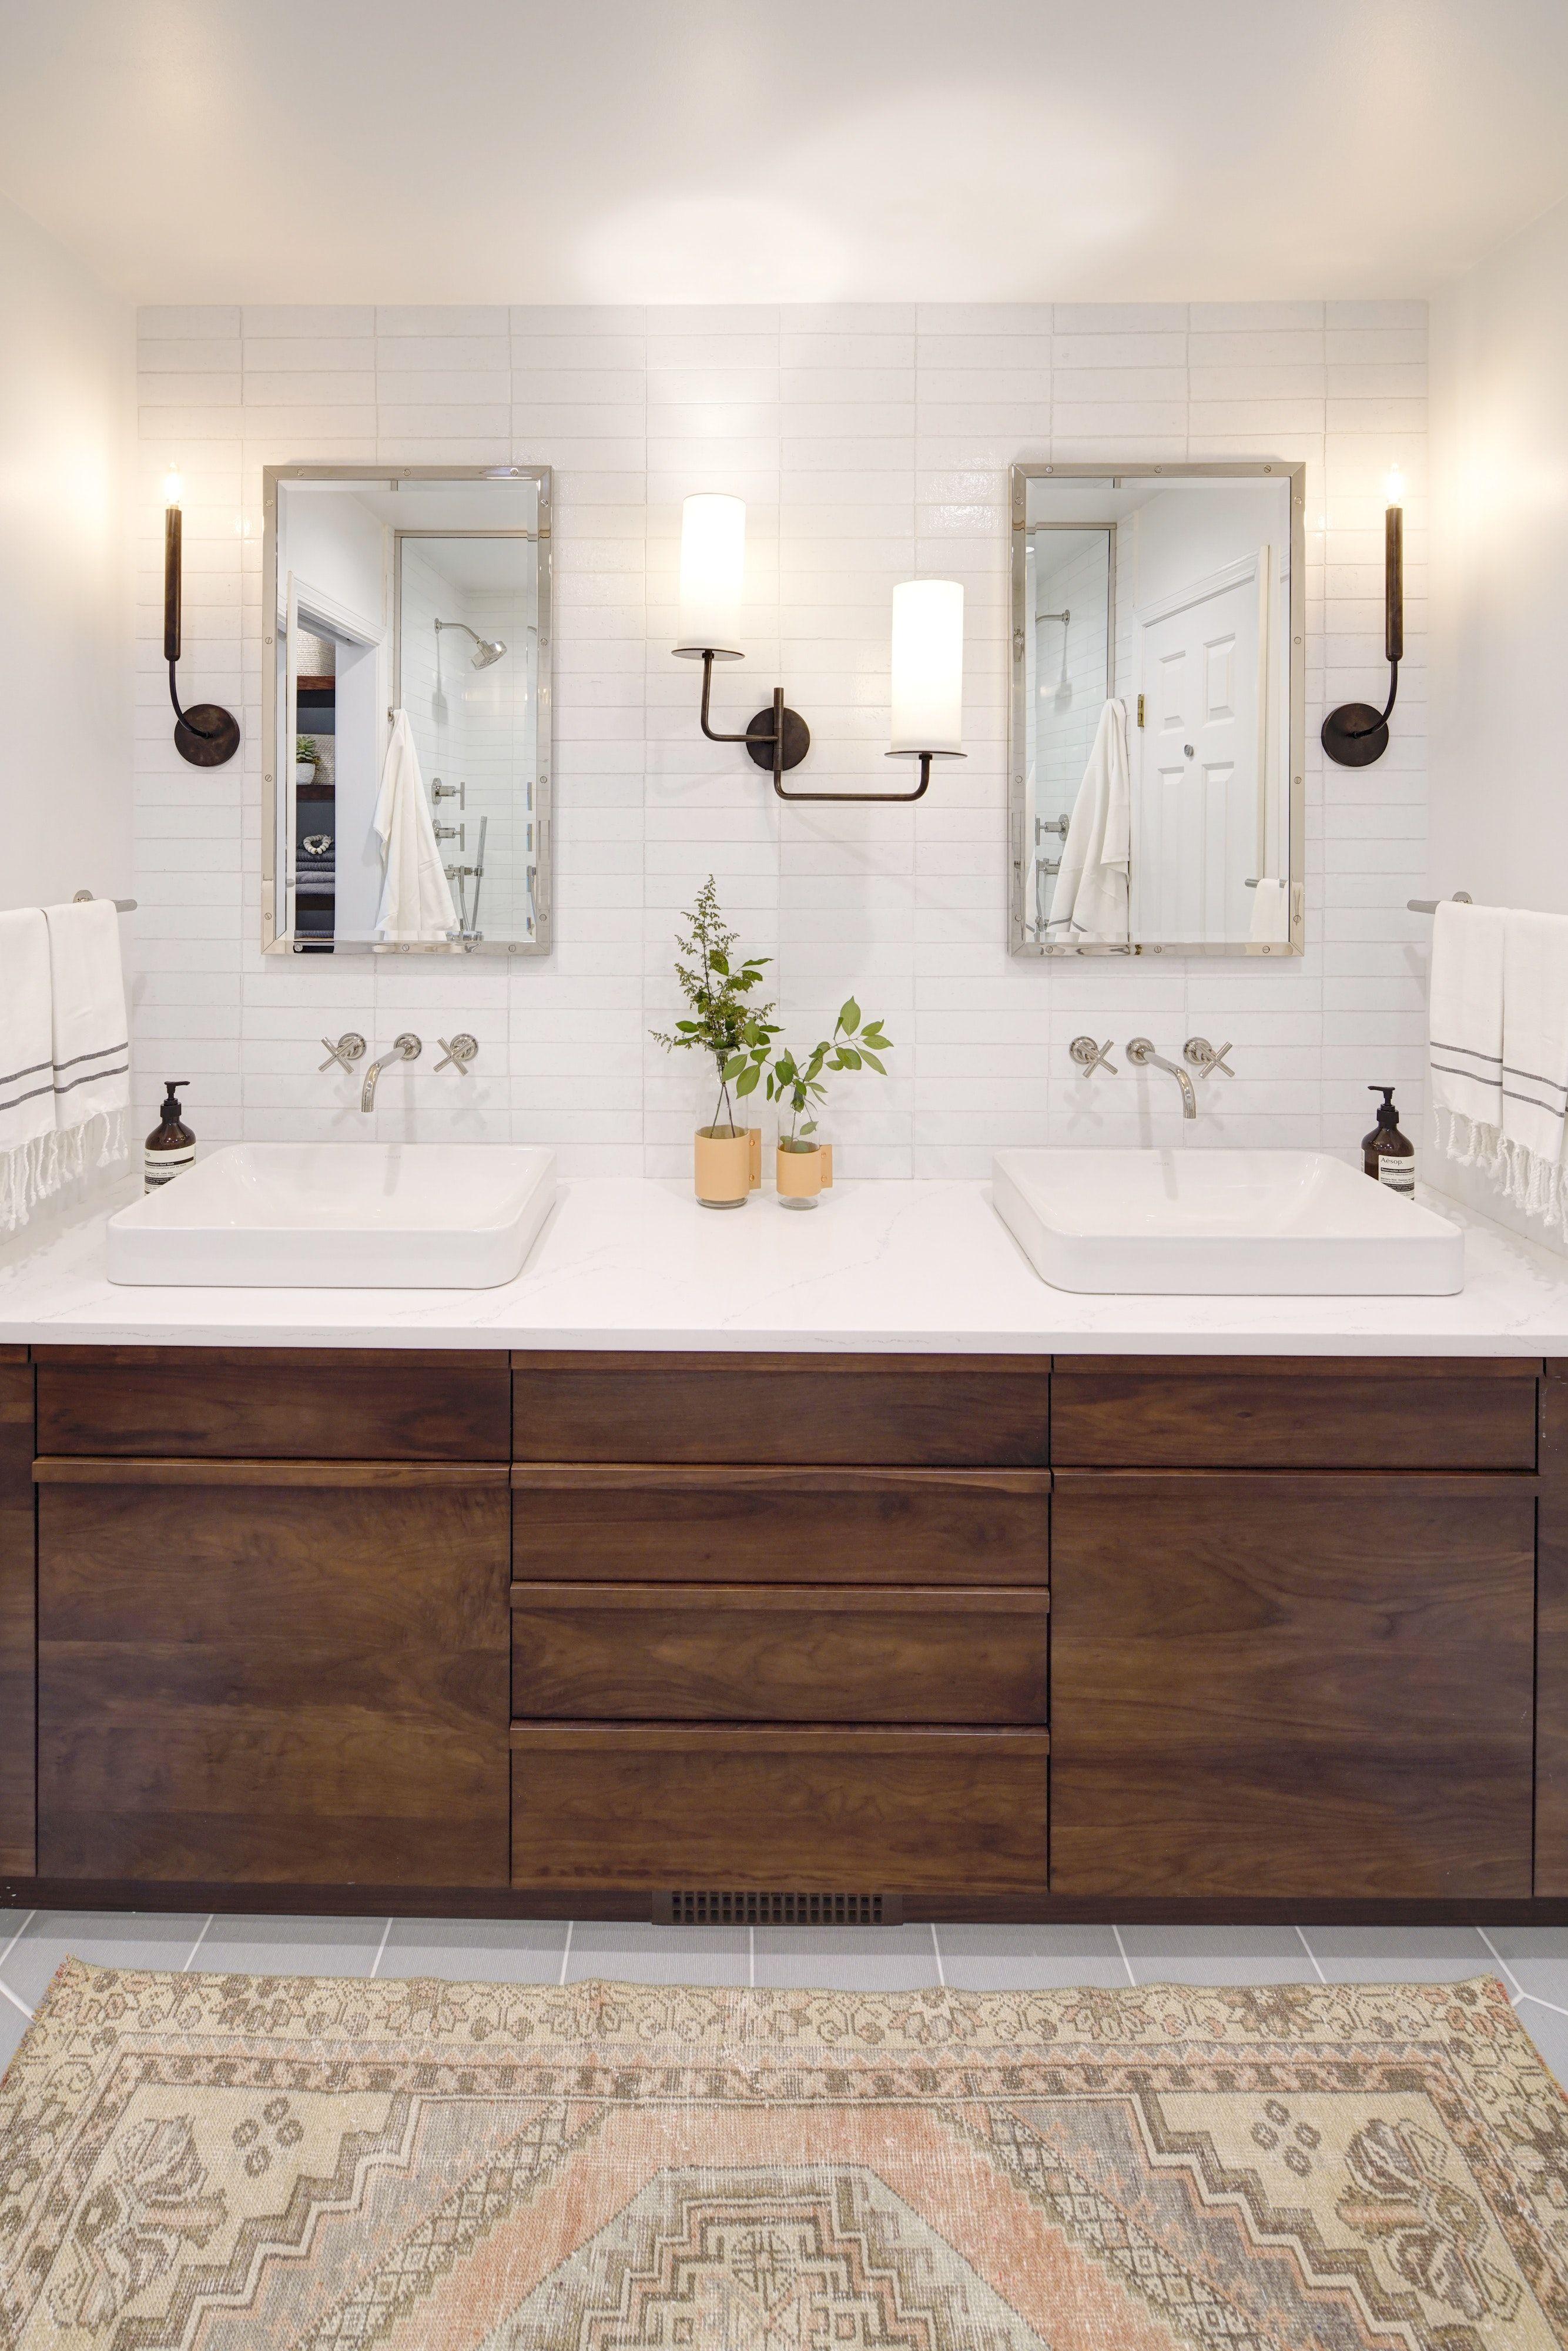 wicker park modern master bathroom custom vanity by on custom bathroom vanity plans id=57062